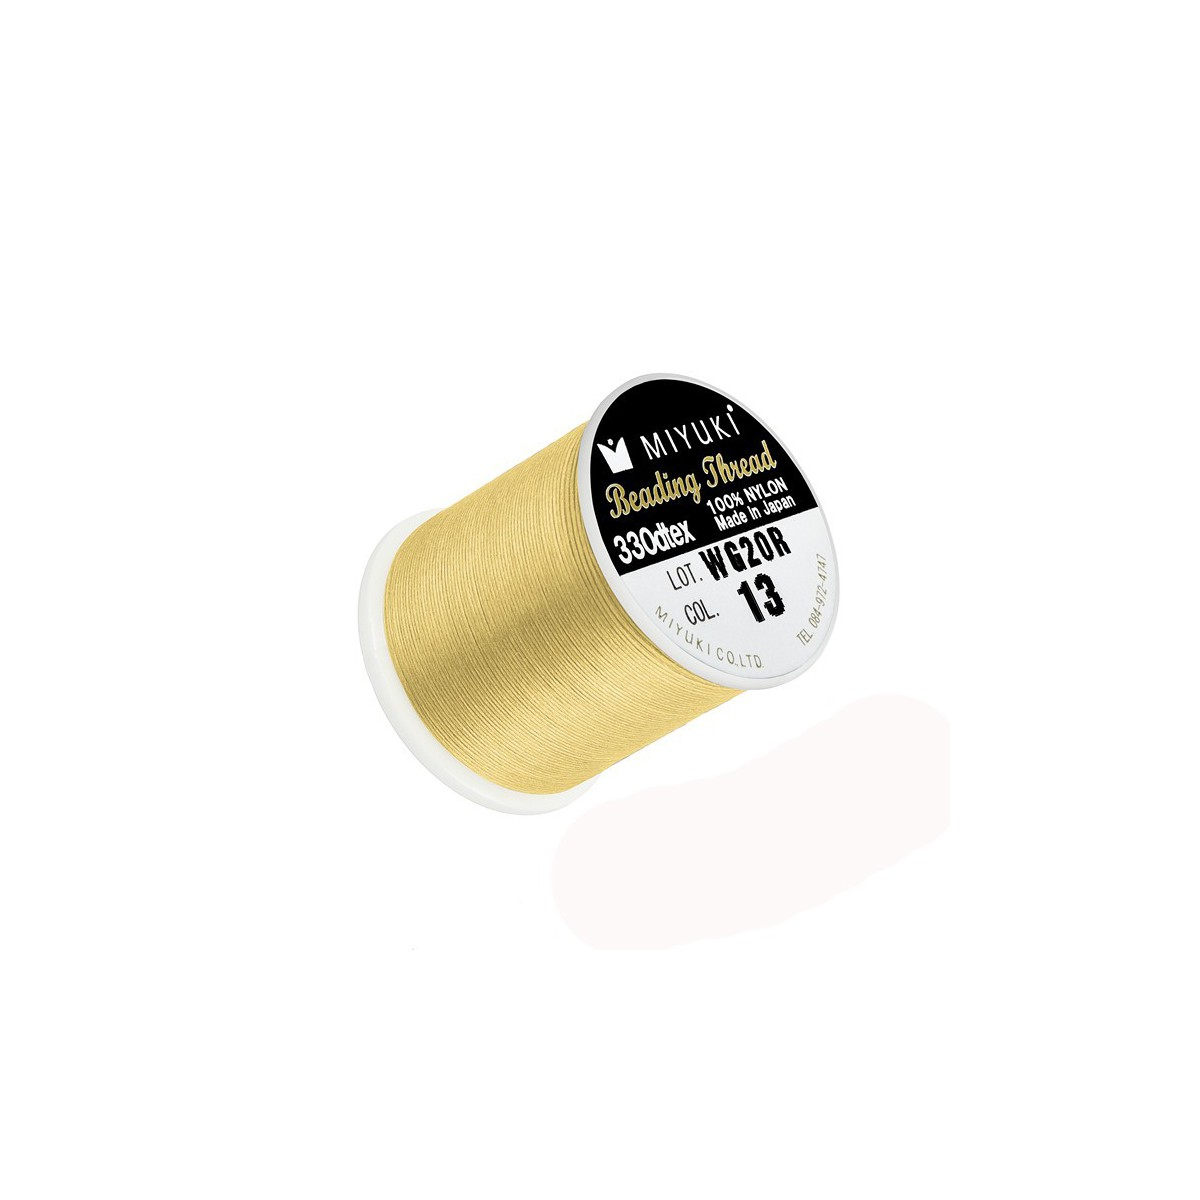 Filo Miyuki Colore Giallo 13, 0.2mm,  50mt